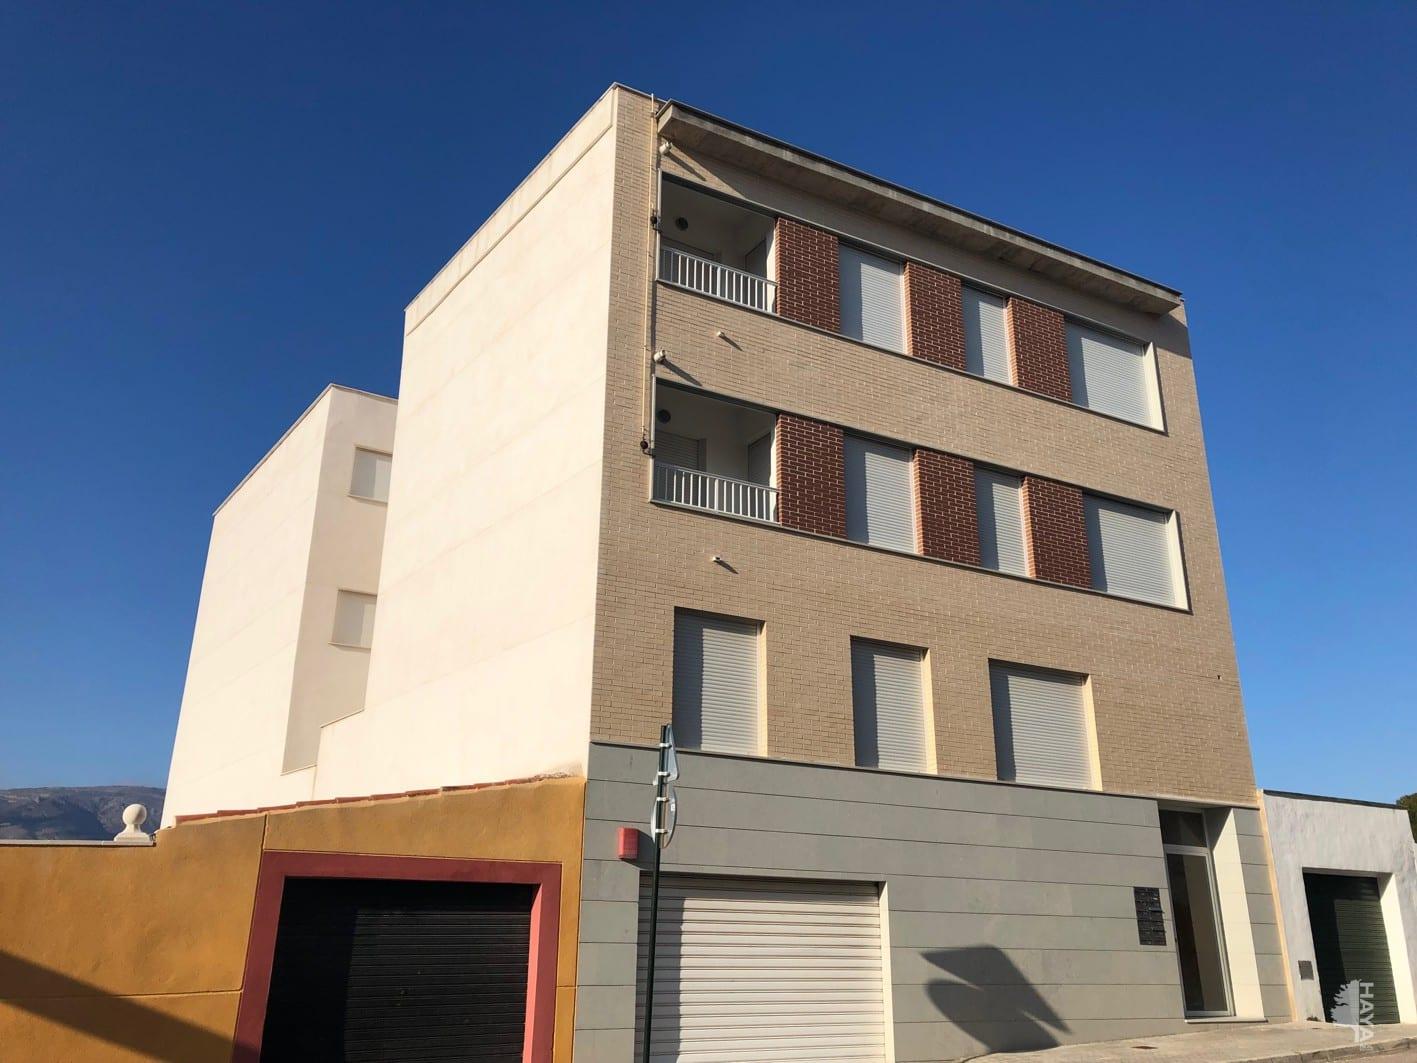 Piso en venta en Viaducte, Alcoy/alcoi, Alicante, Calle Sant Joan de Ribera, 74.000 €, 2 habitaciones, 1 baño, 69 m2